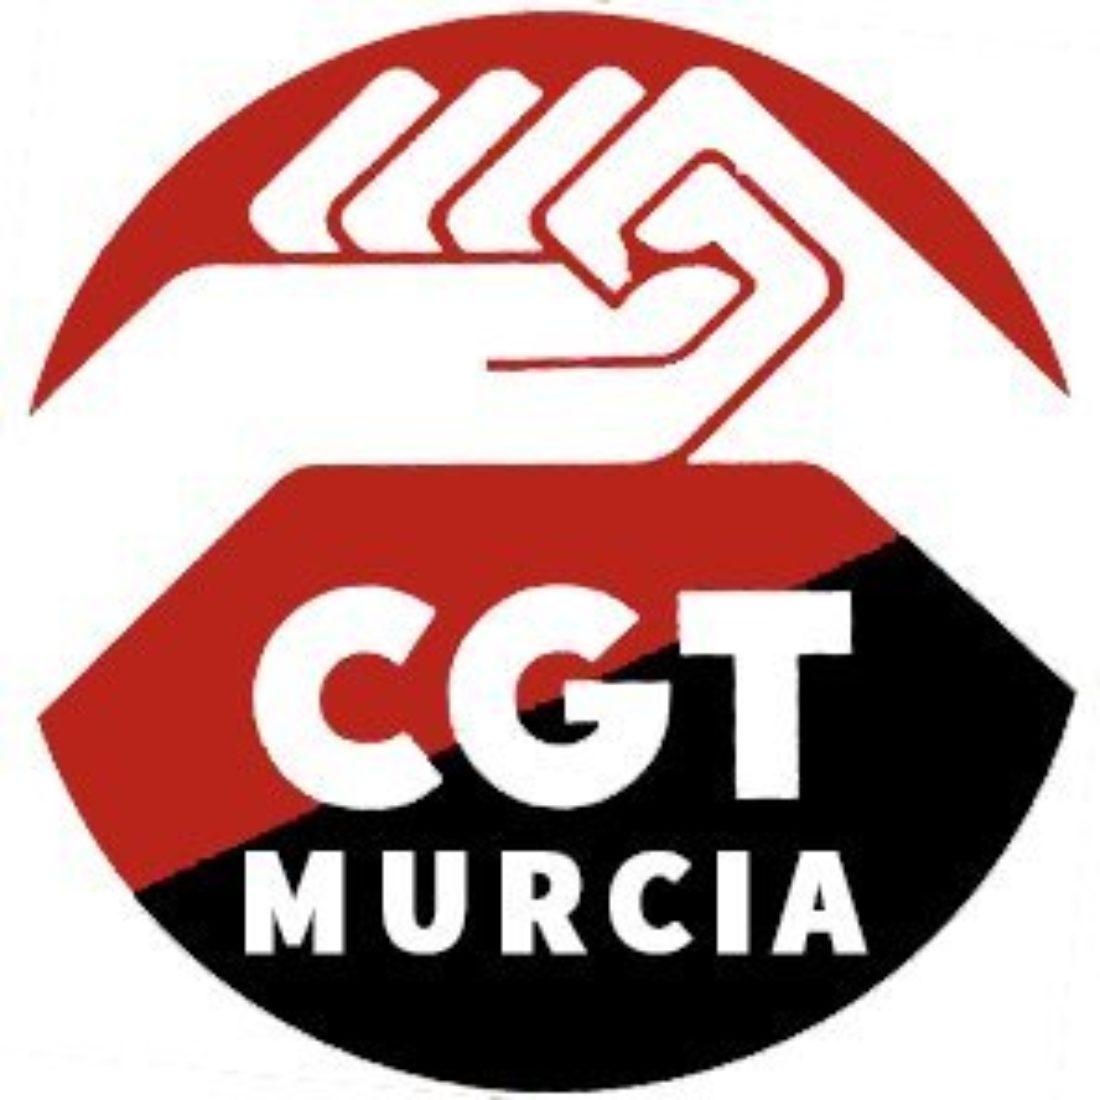 CGT Región Murciana gana la demanda por derechos fundamentales al Consejo de Gobierno de la Región de Murcia